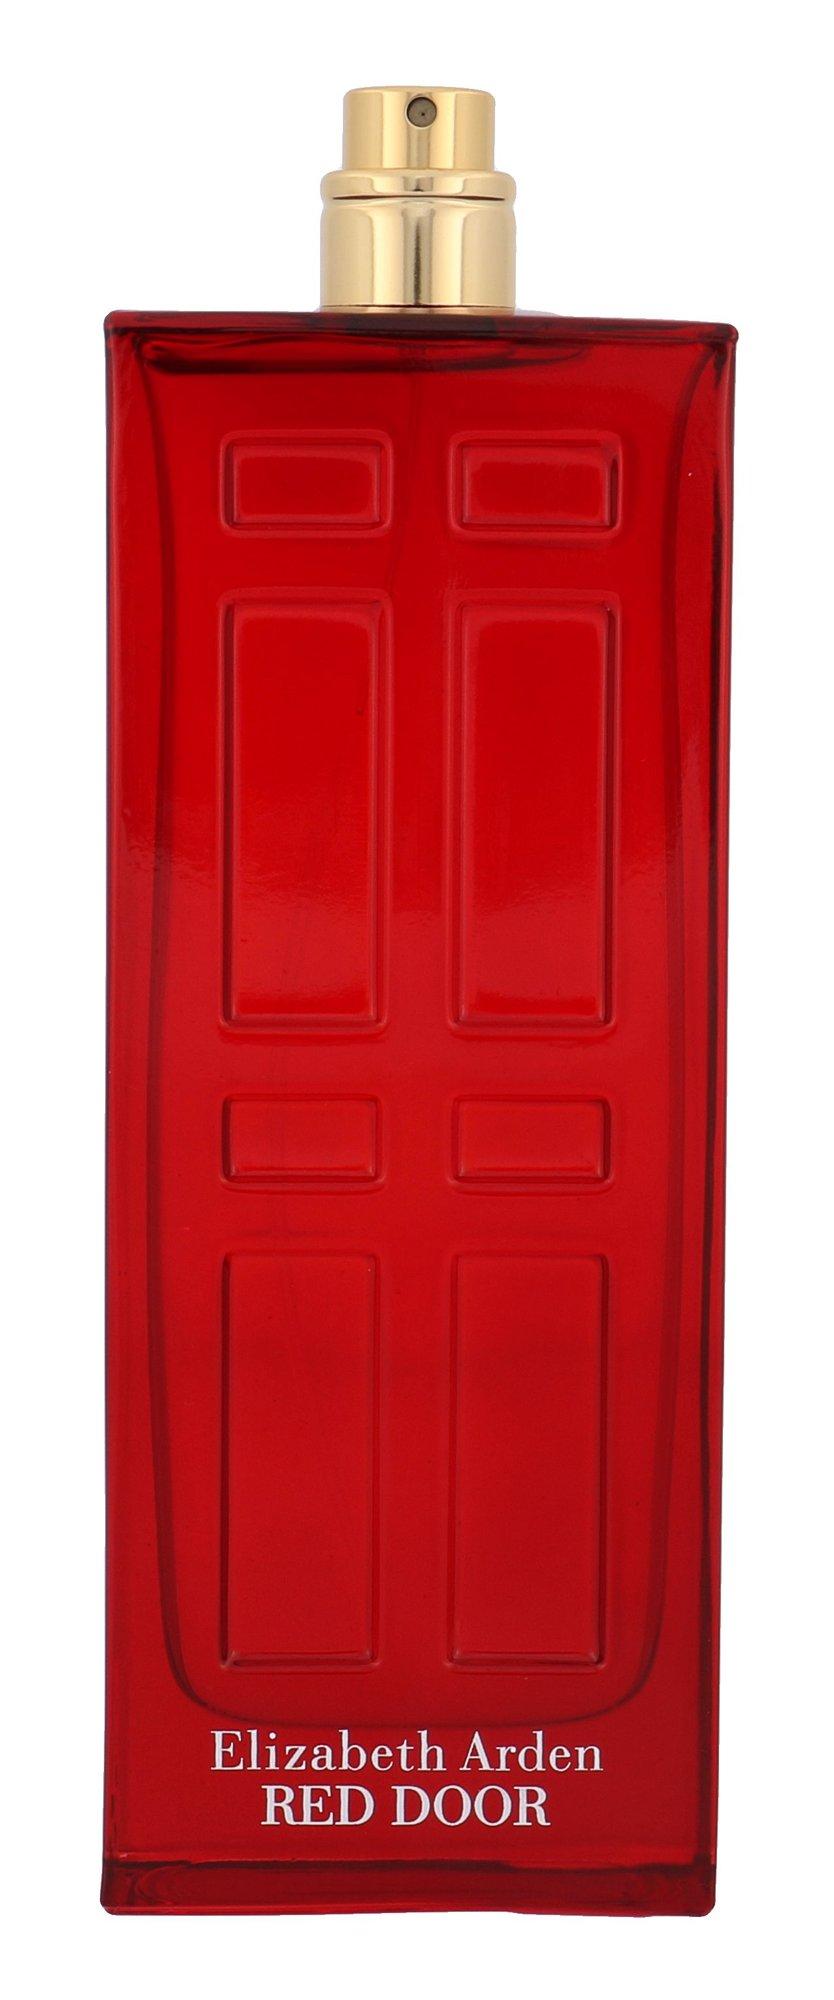 Elizabeth Arden Red Door Limited Edition EDT 100ml